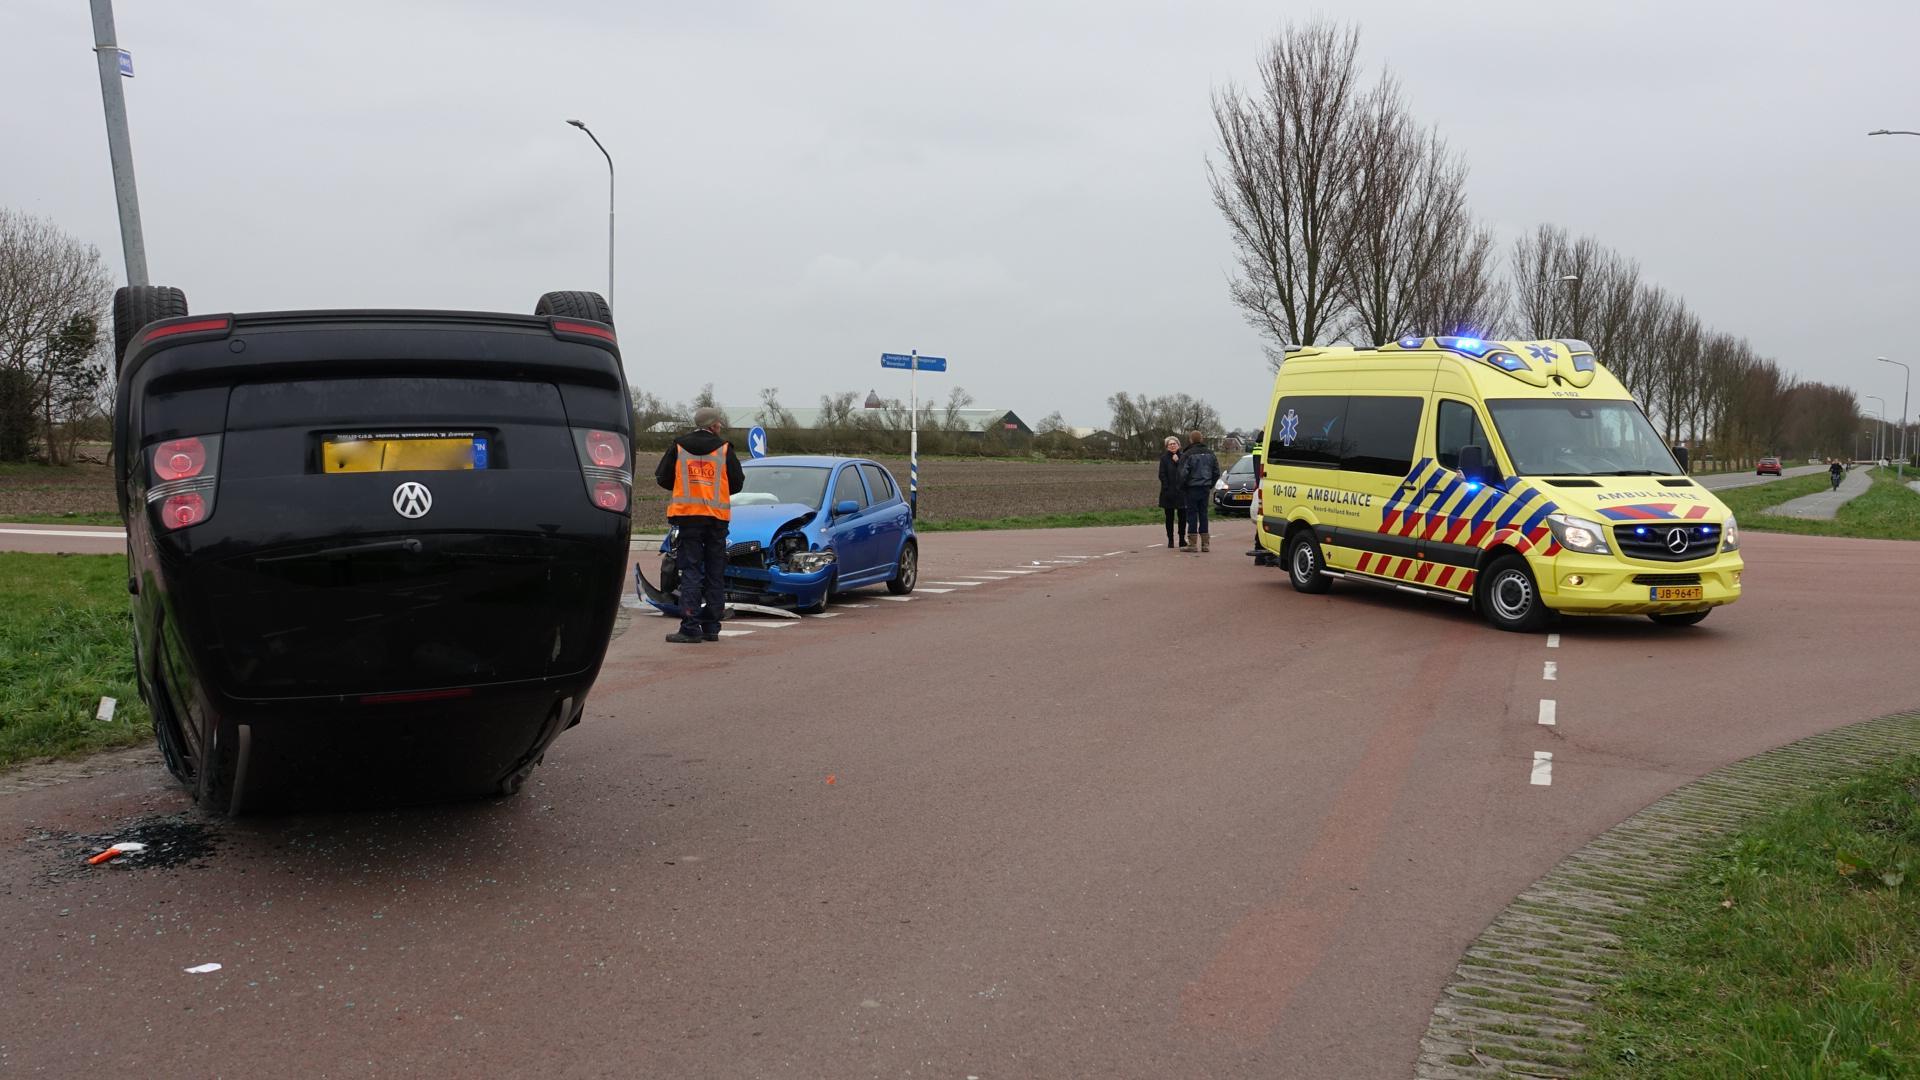 Vrouw gewond naar het ziekenhuis na auto-ongeluk in Zwaagdijk-Oost